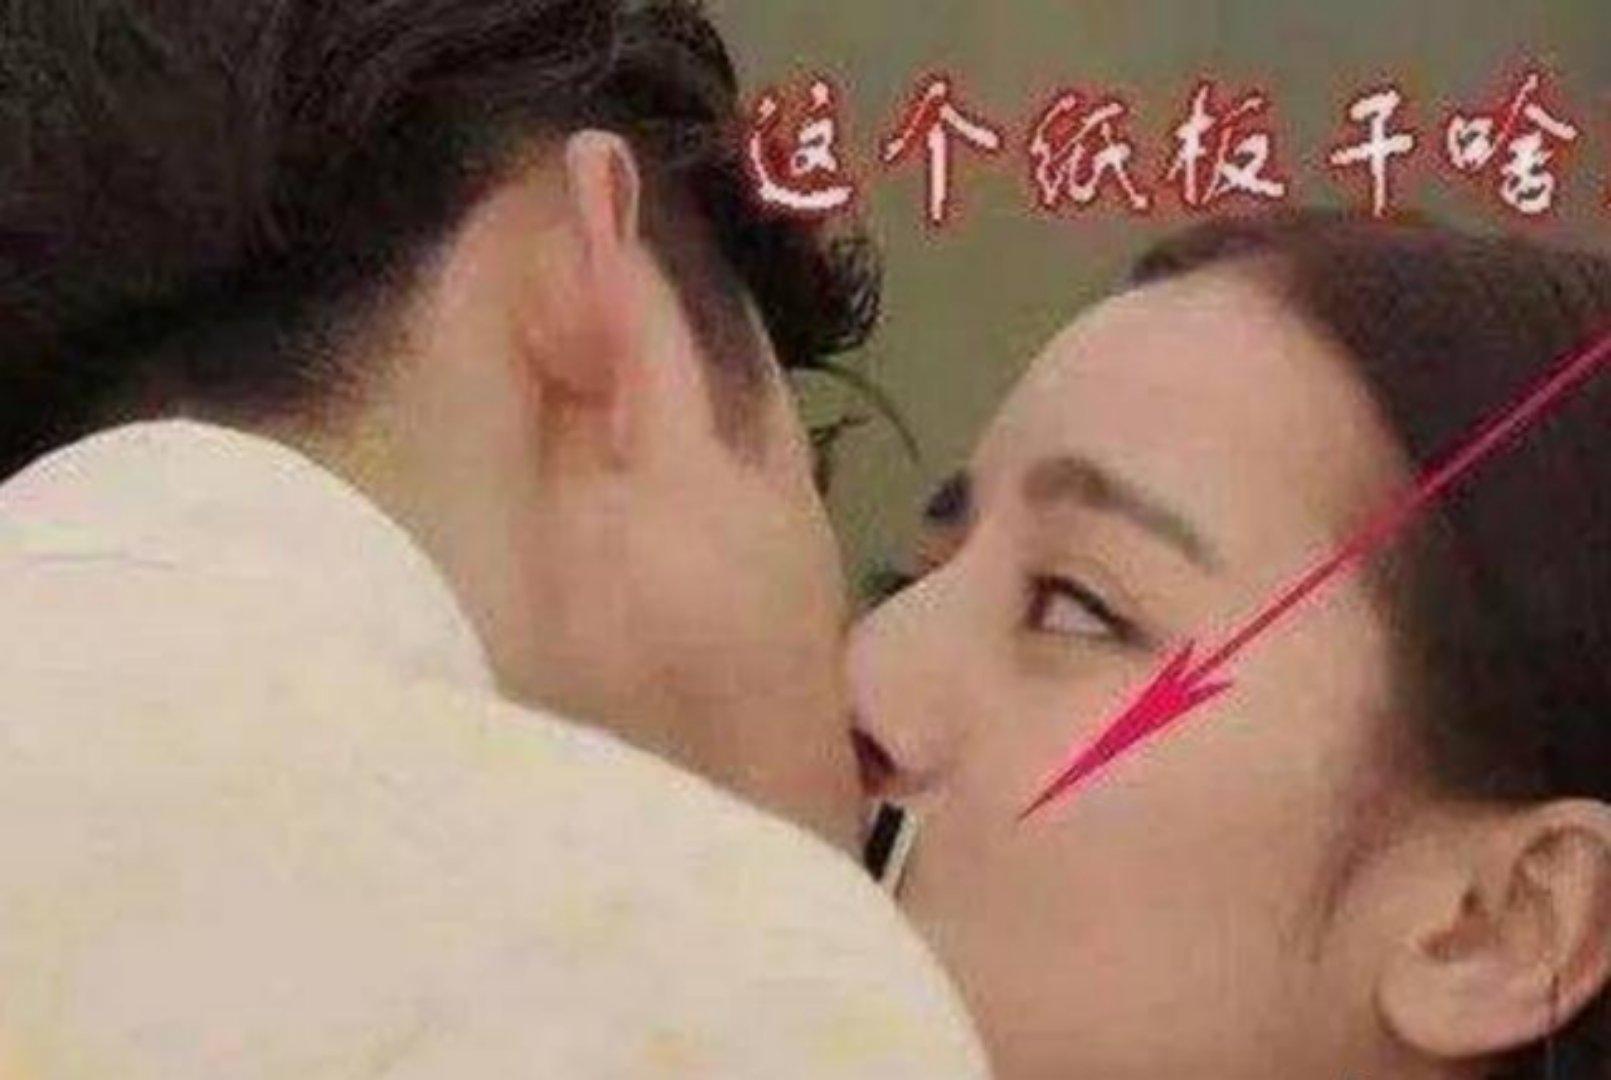 李易峰与迪丽热巴拍激烈吻戏,杨幂在一旁看呆了!_头条视频